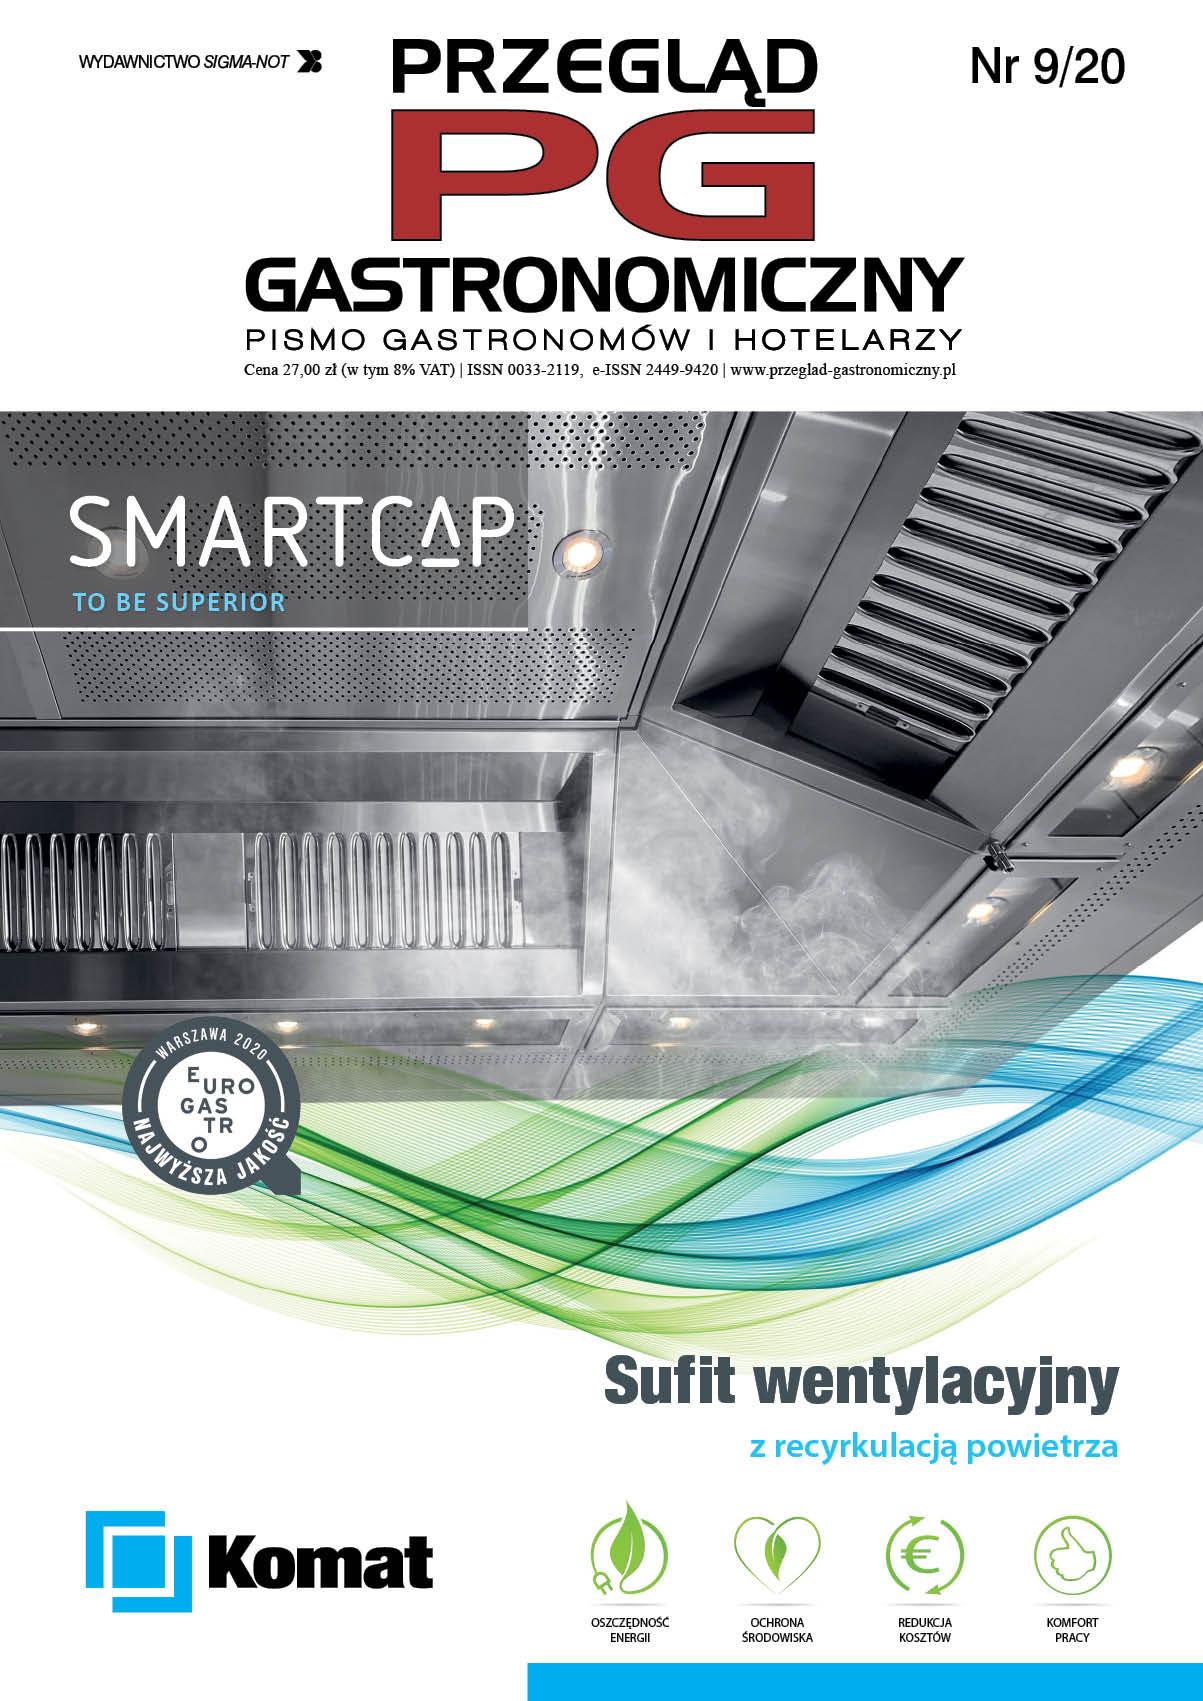 Przegląd Gastronomiczny 09.2020